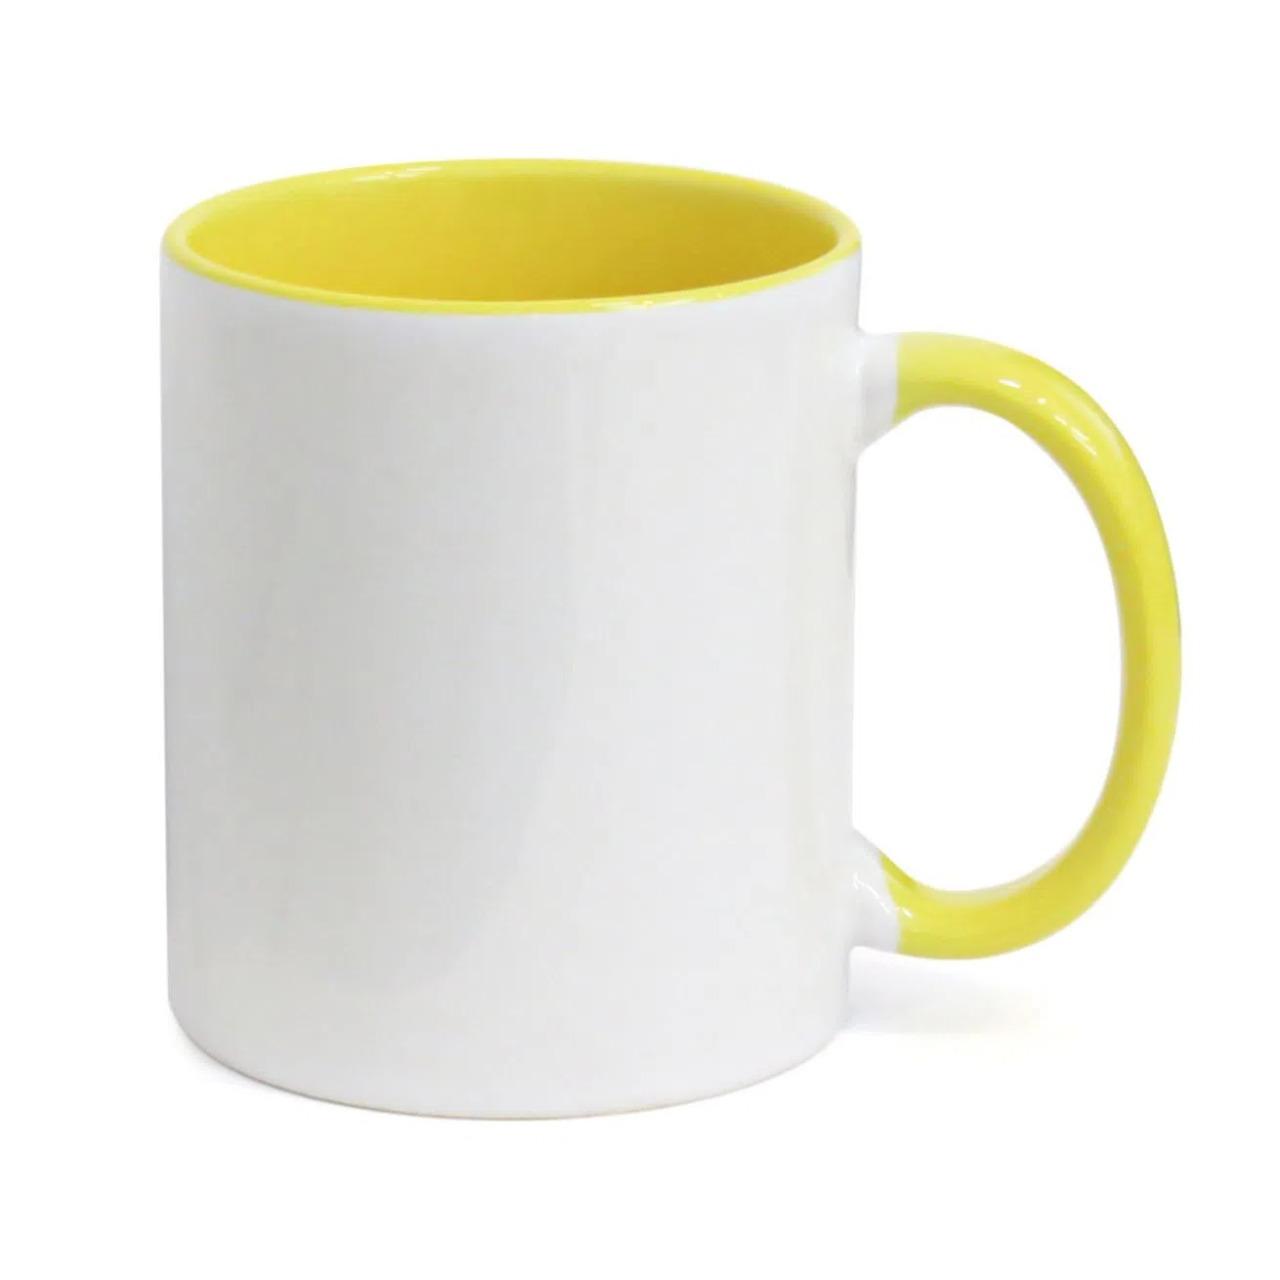 50 Canecas com Interior E Alça Amarela Colorida Porcelana Sublimação 325ml